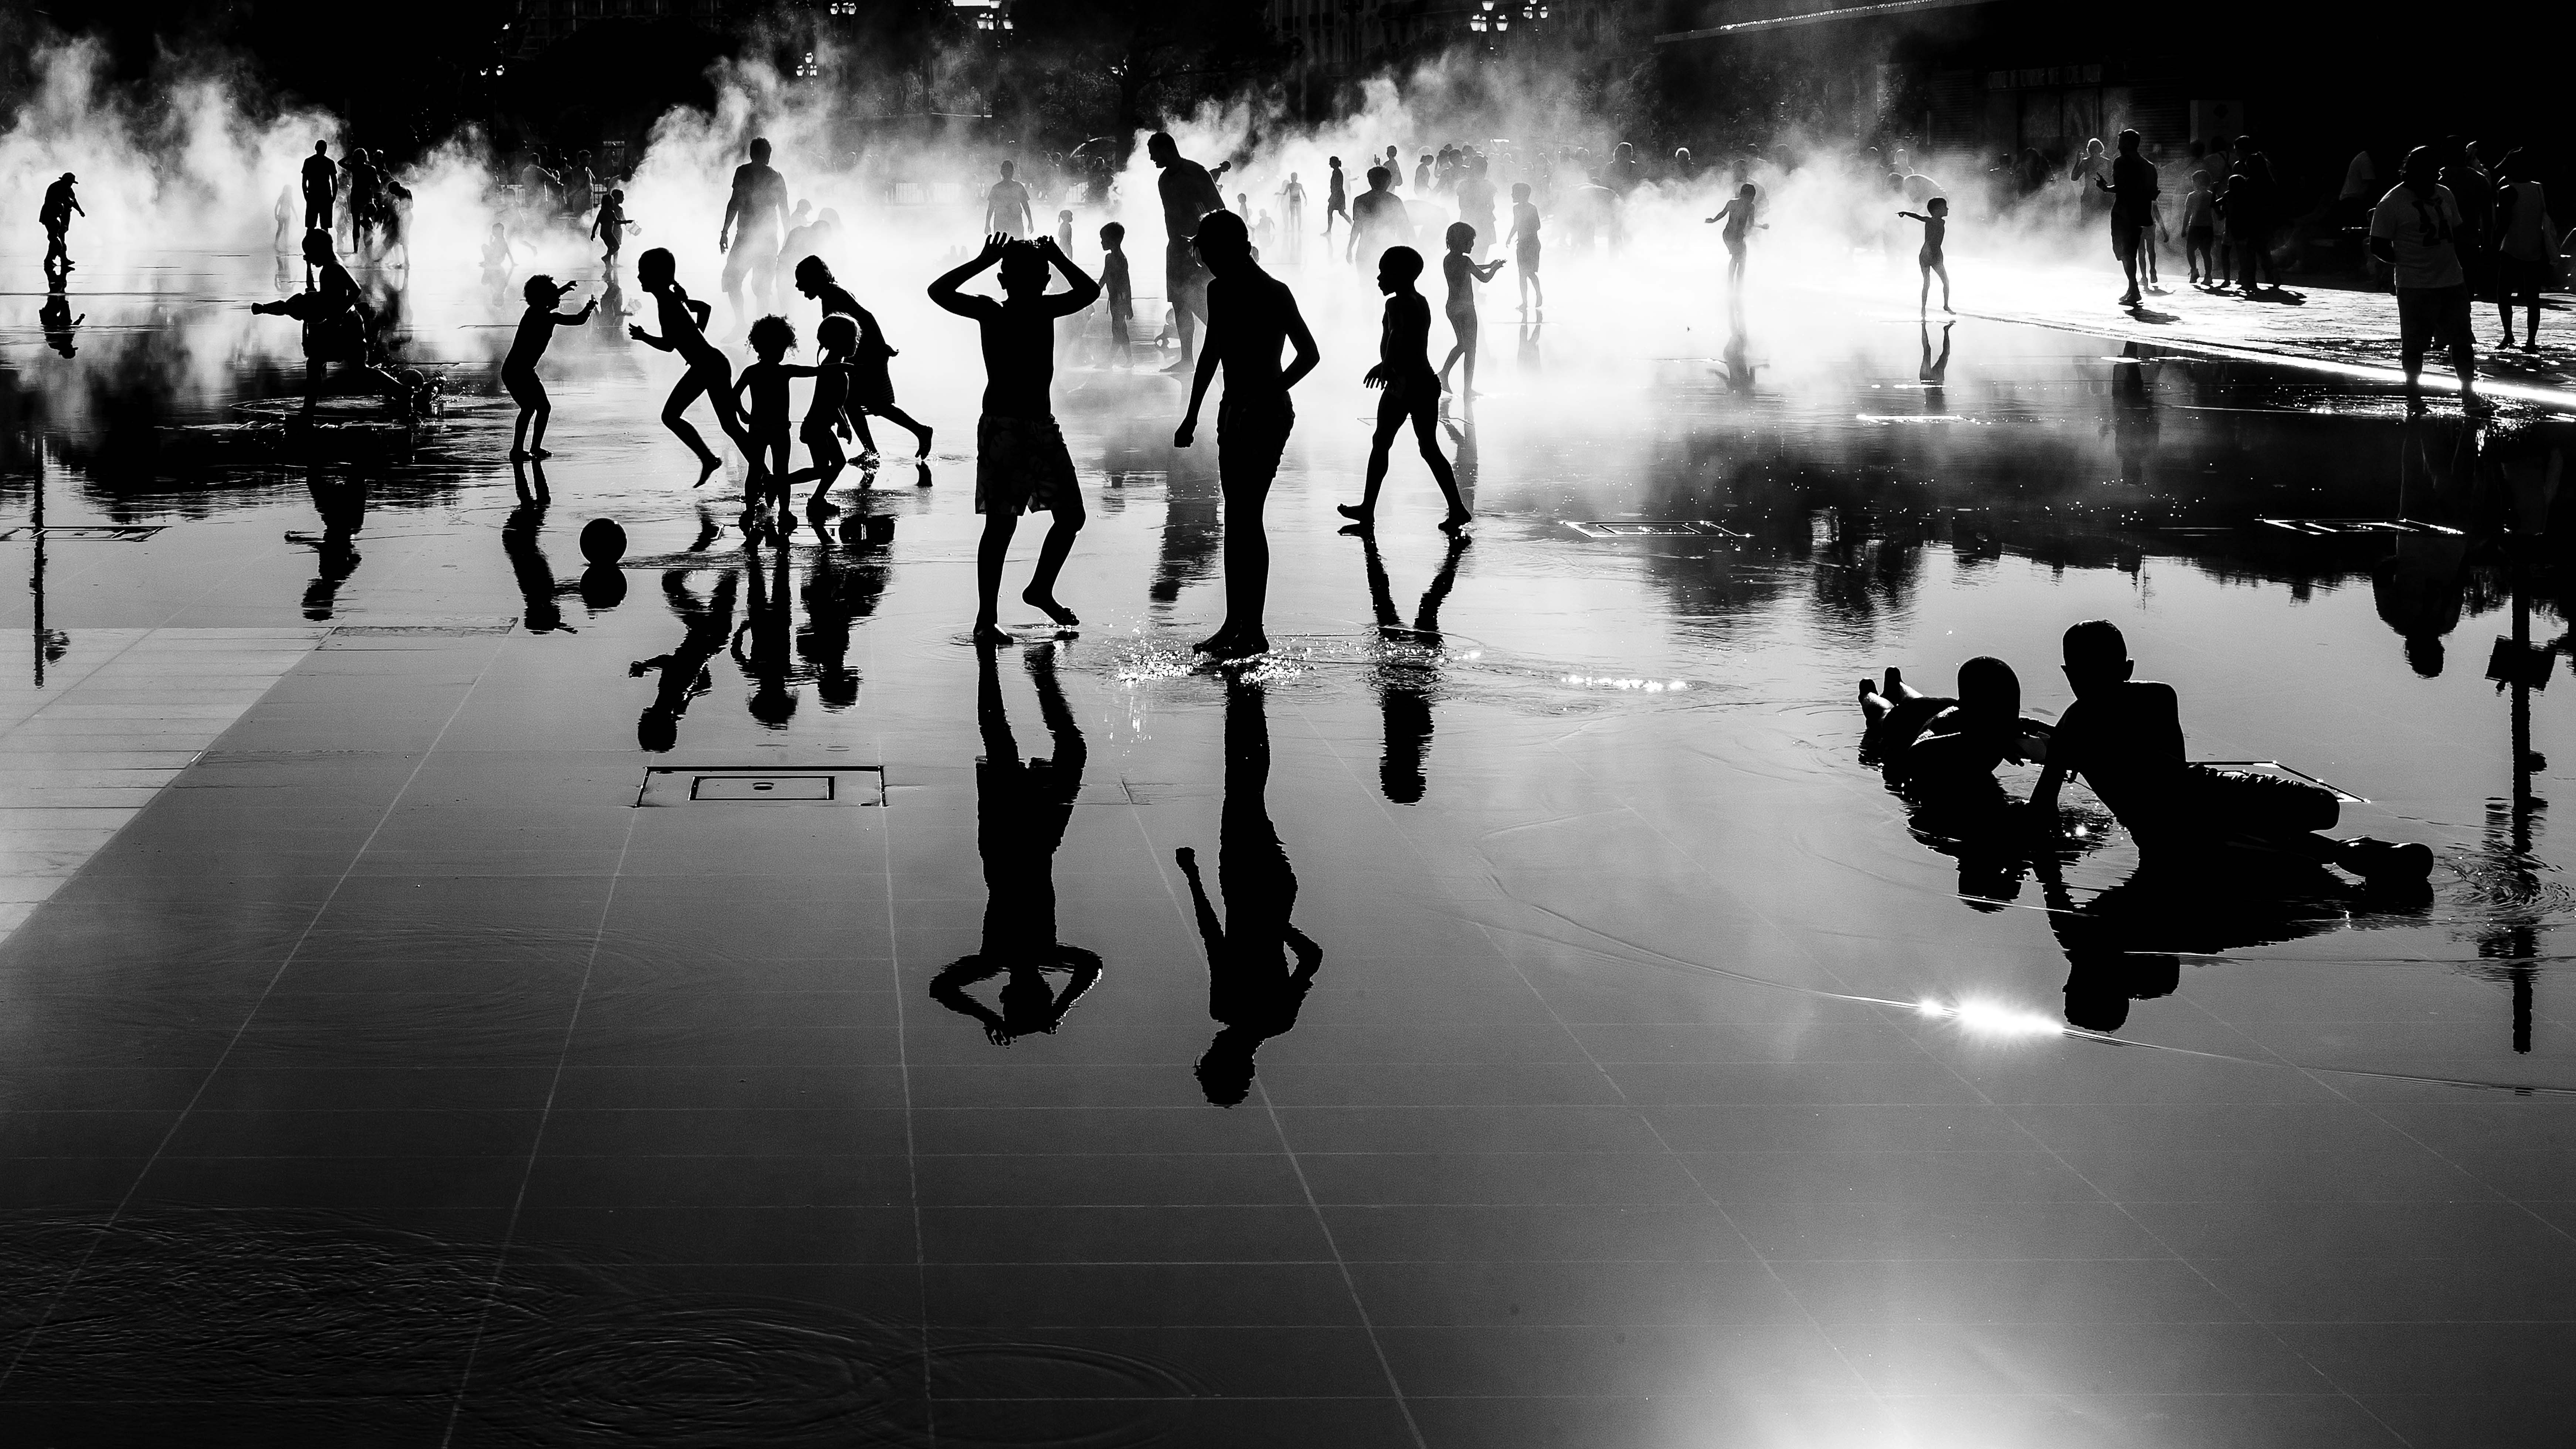 Jeux d'eau, Nice, gildalliere, 2016